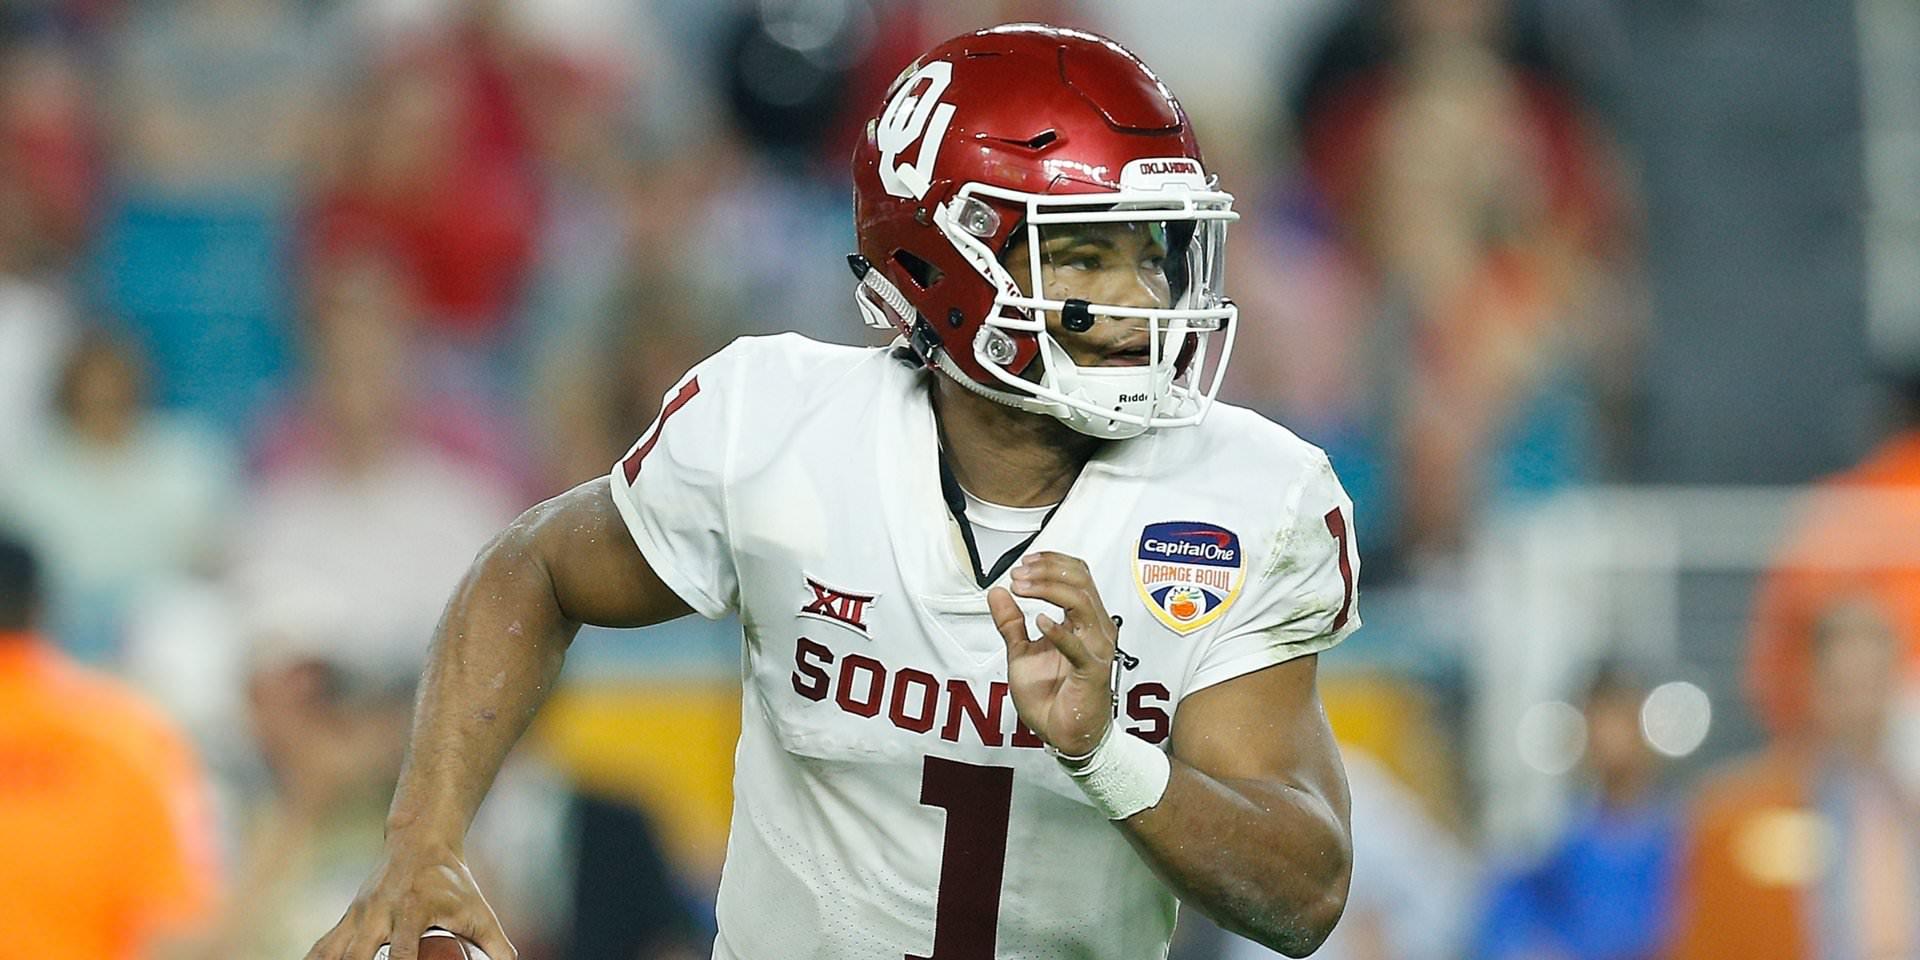 Os 14 melhores quarterbacks da classe de draft da NFL 2019, classificados